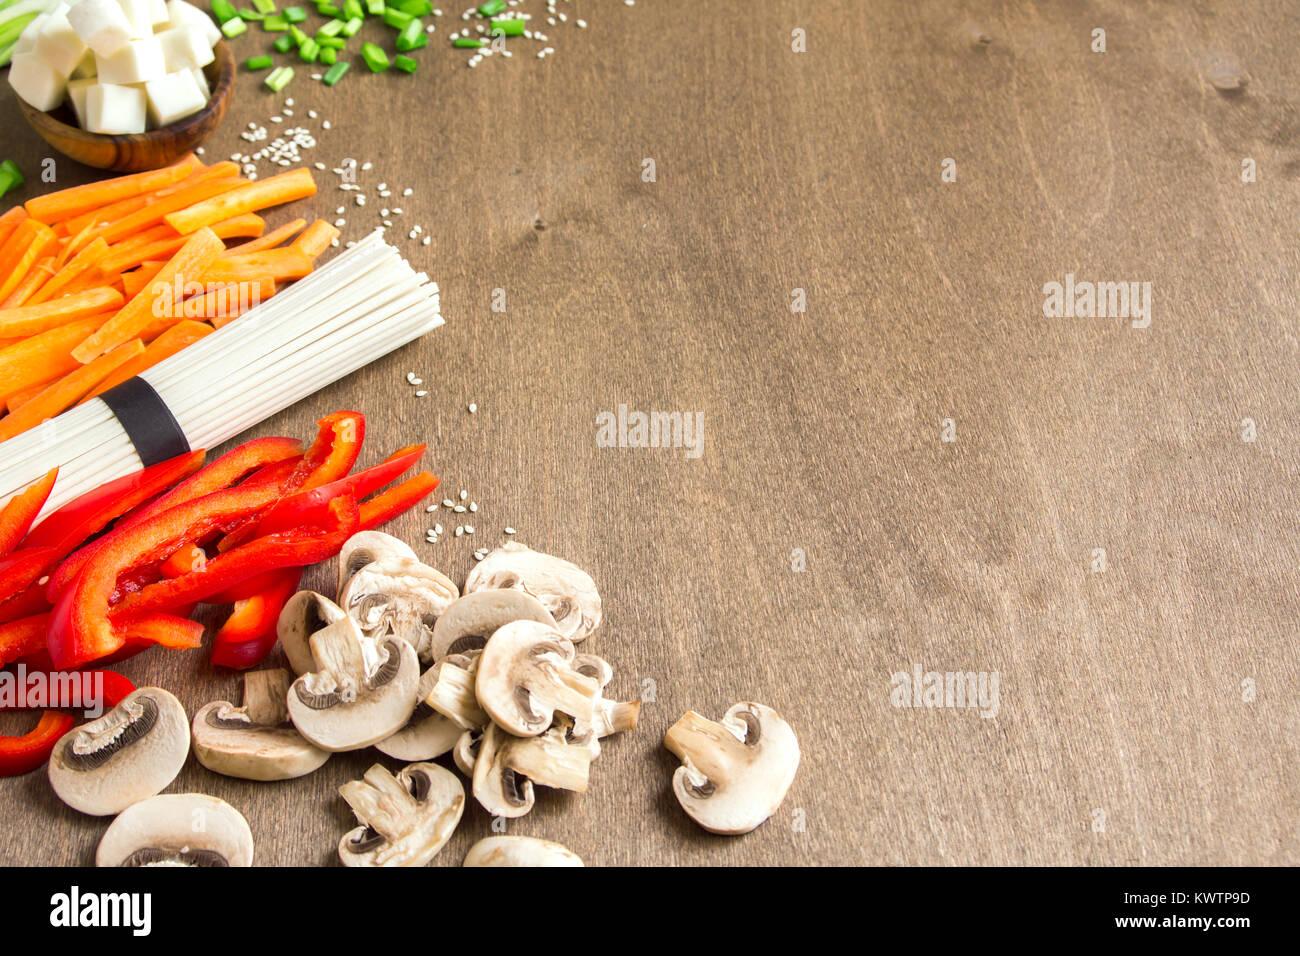 Végétalien végétarien ingrédients alimentaires asiatiques pour les sautés avec du tofu, les nouilles, les champignons Banque D'Images